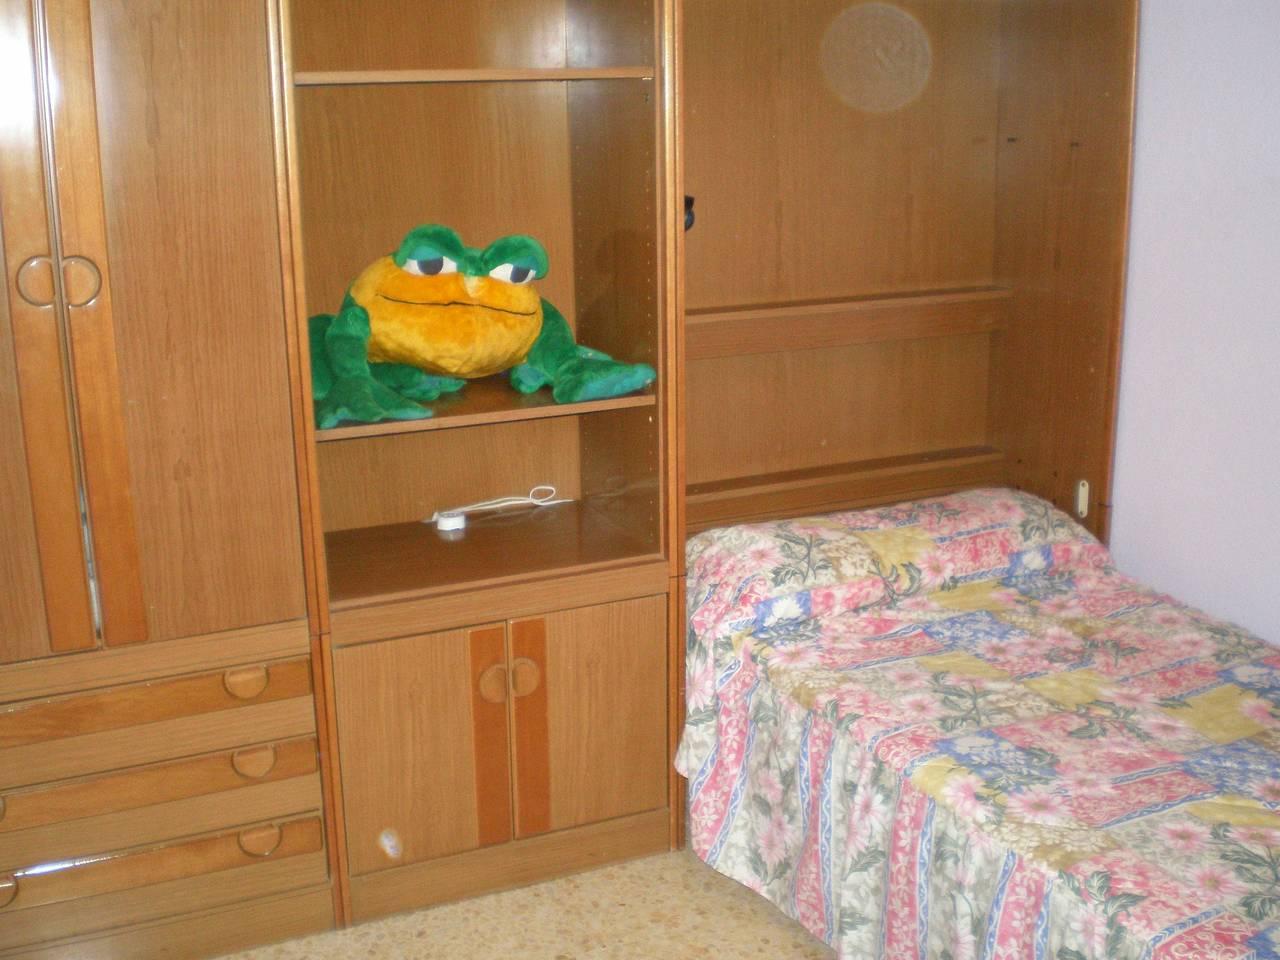 en soria se alquilan una habitacion en piso compartido  - Foto 11